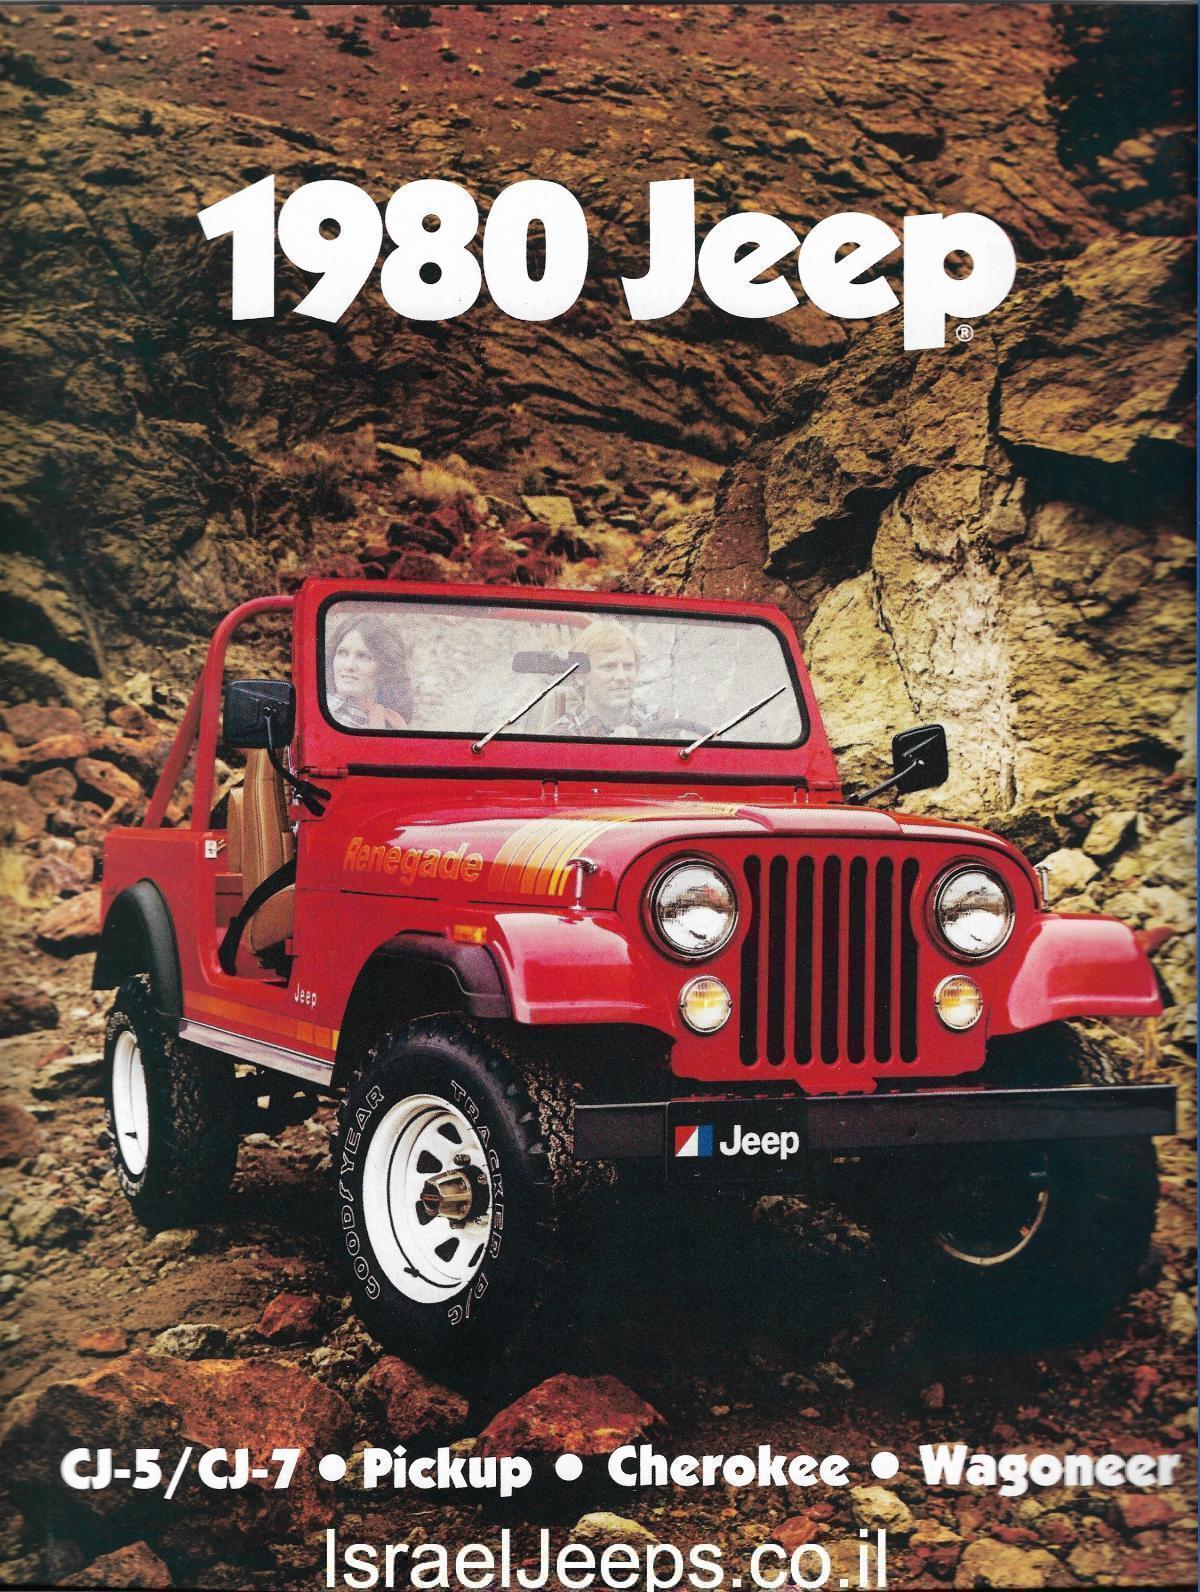 קטלוג Jeep 1980